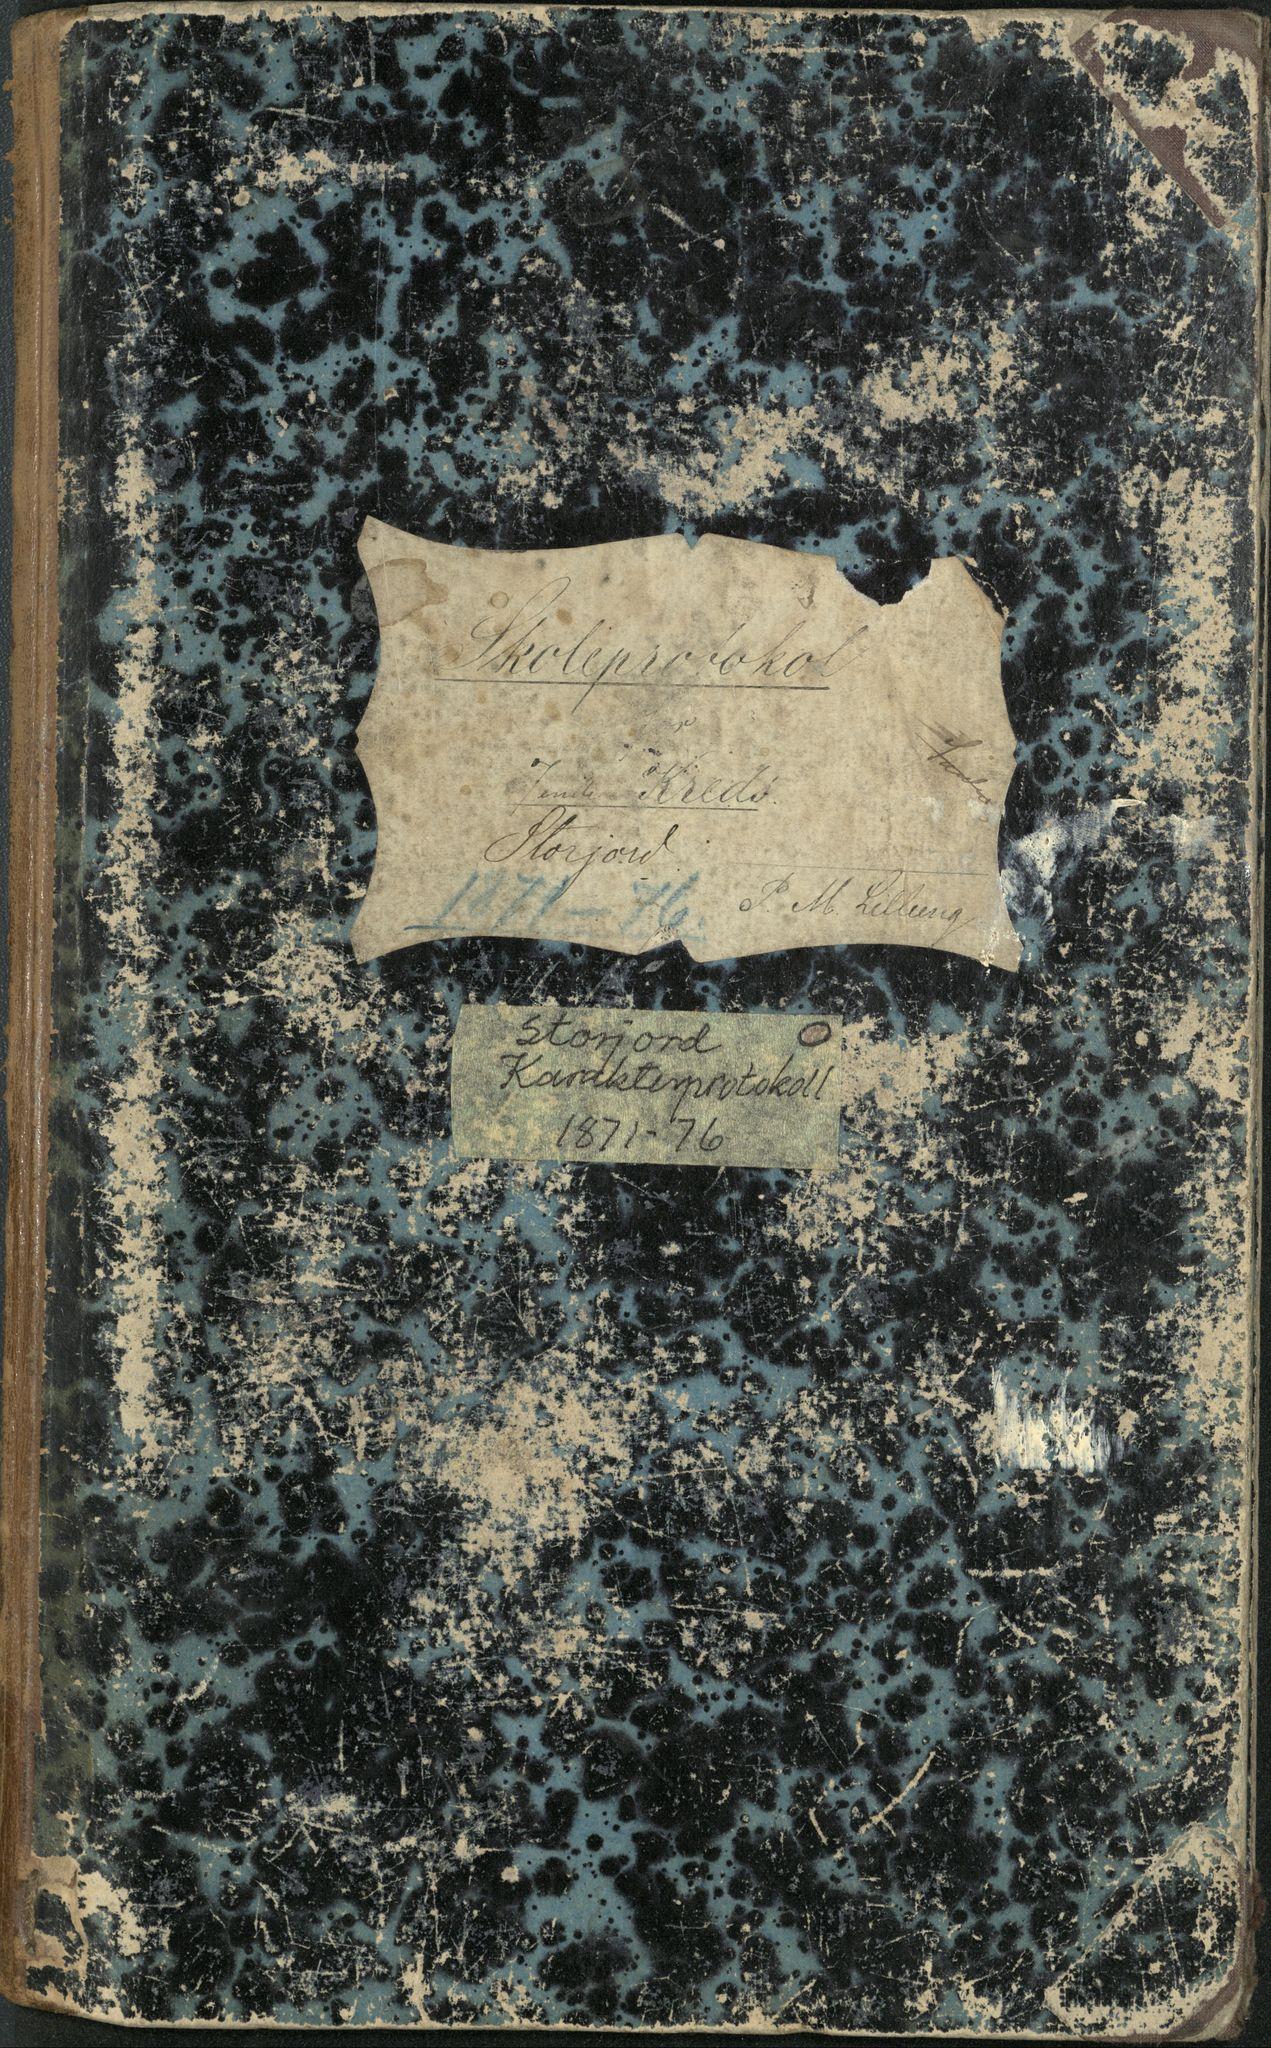 AT, Målselv kommune, -: Skoleprotokoll for Storjord, 7. krets - skole for gårdene Seljehaug, Skavaas, Nedremo, Mellemmo, Øvremo, Storjord og Skardal, 1871-1876